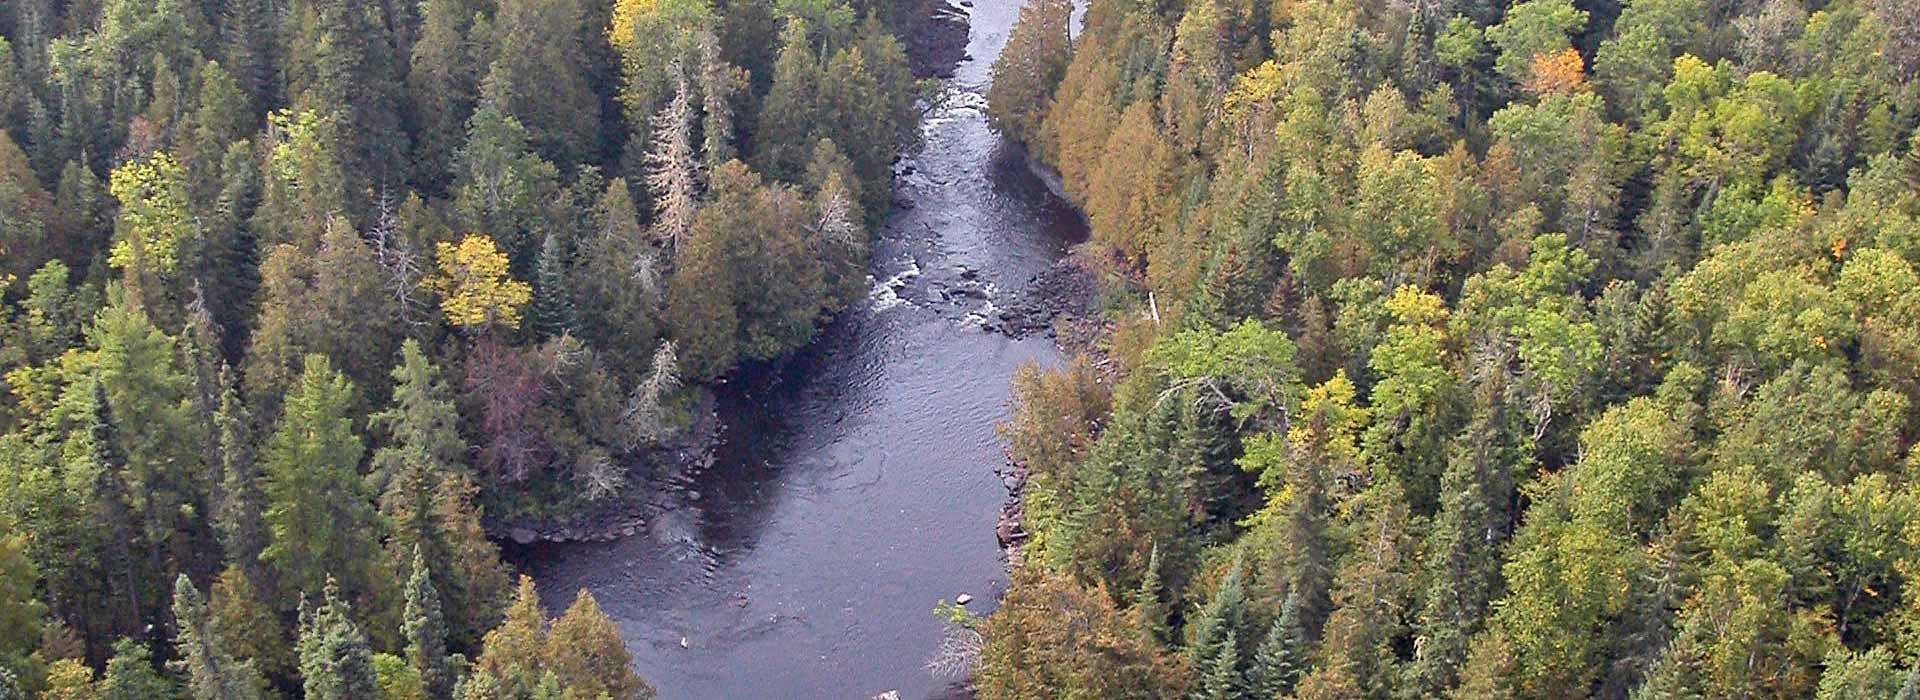 Chapleau Nemegosenda River Provincial Park Algoma Country